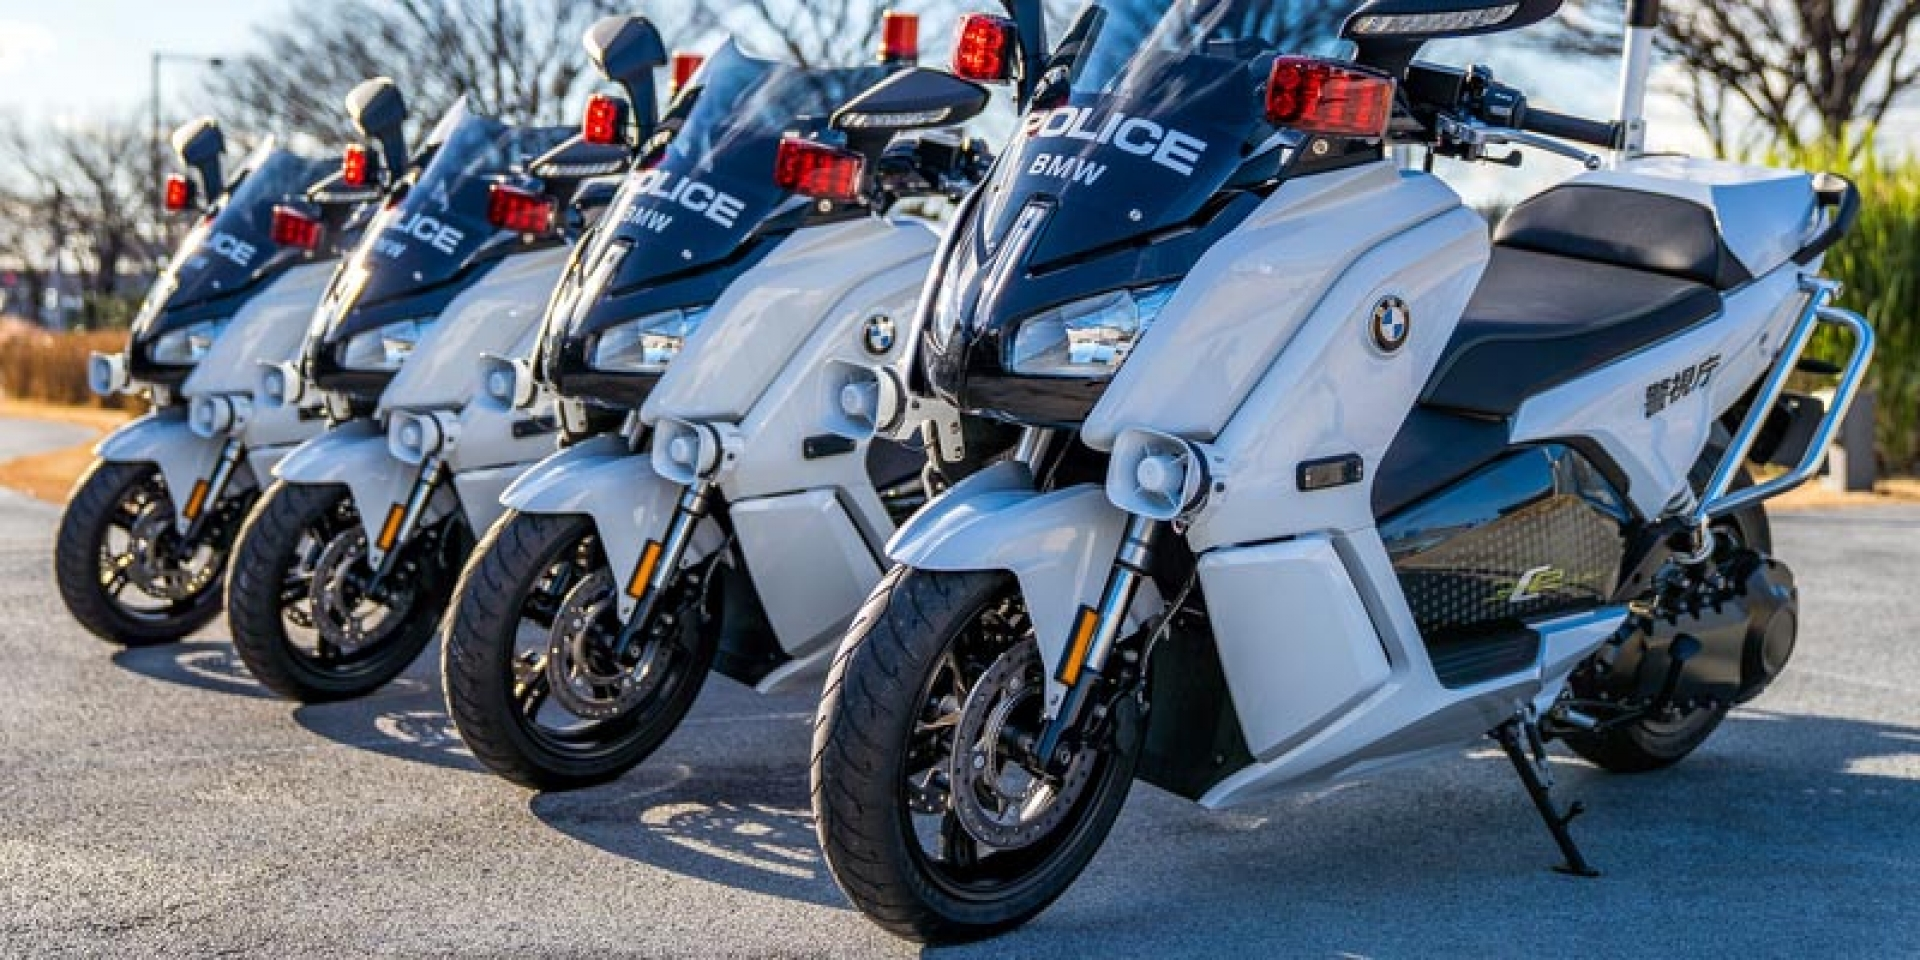 白摩托車新成員。BMW C evolution成為日本警察新座駕